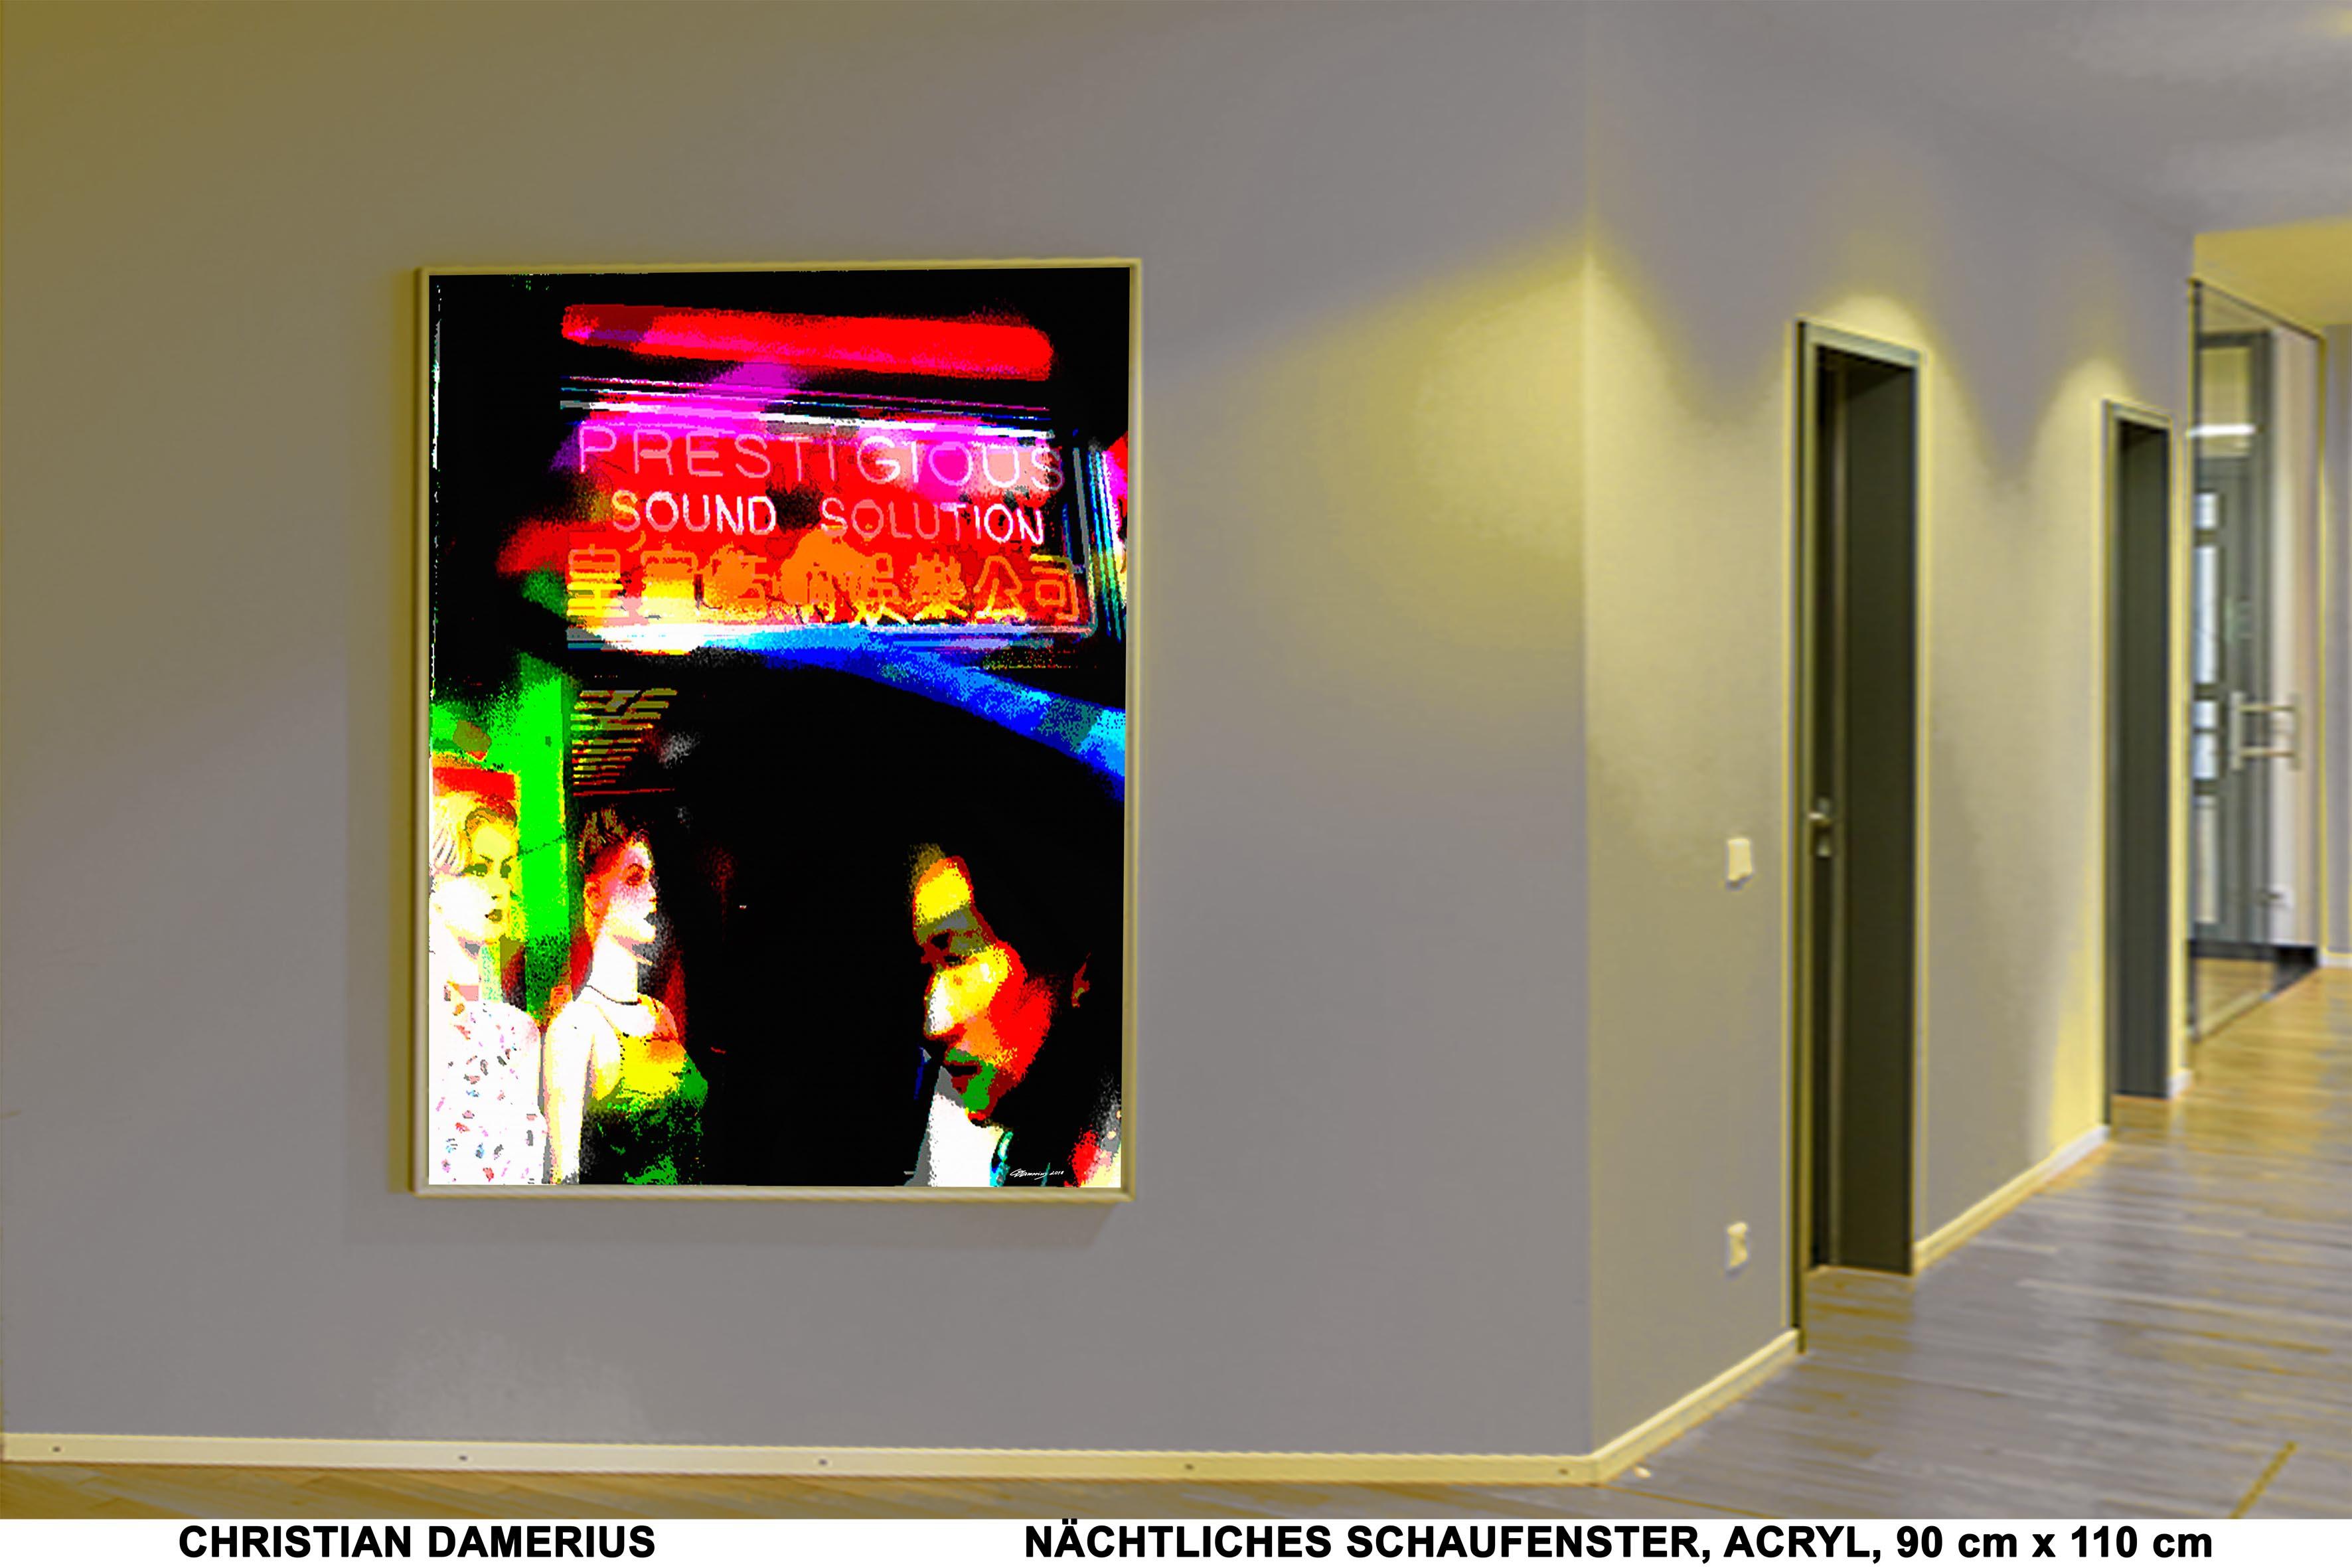 nächtliches schaufenster,christian damerius,nacht,schaufenster,gemälde,bilder,kunstdrucke,moderne malerei,motive,bekannte moderne deutsche maler,